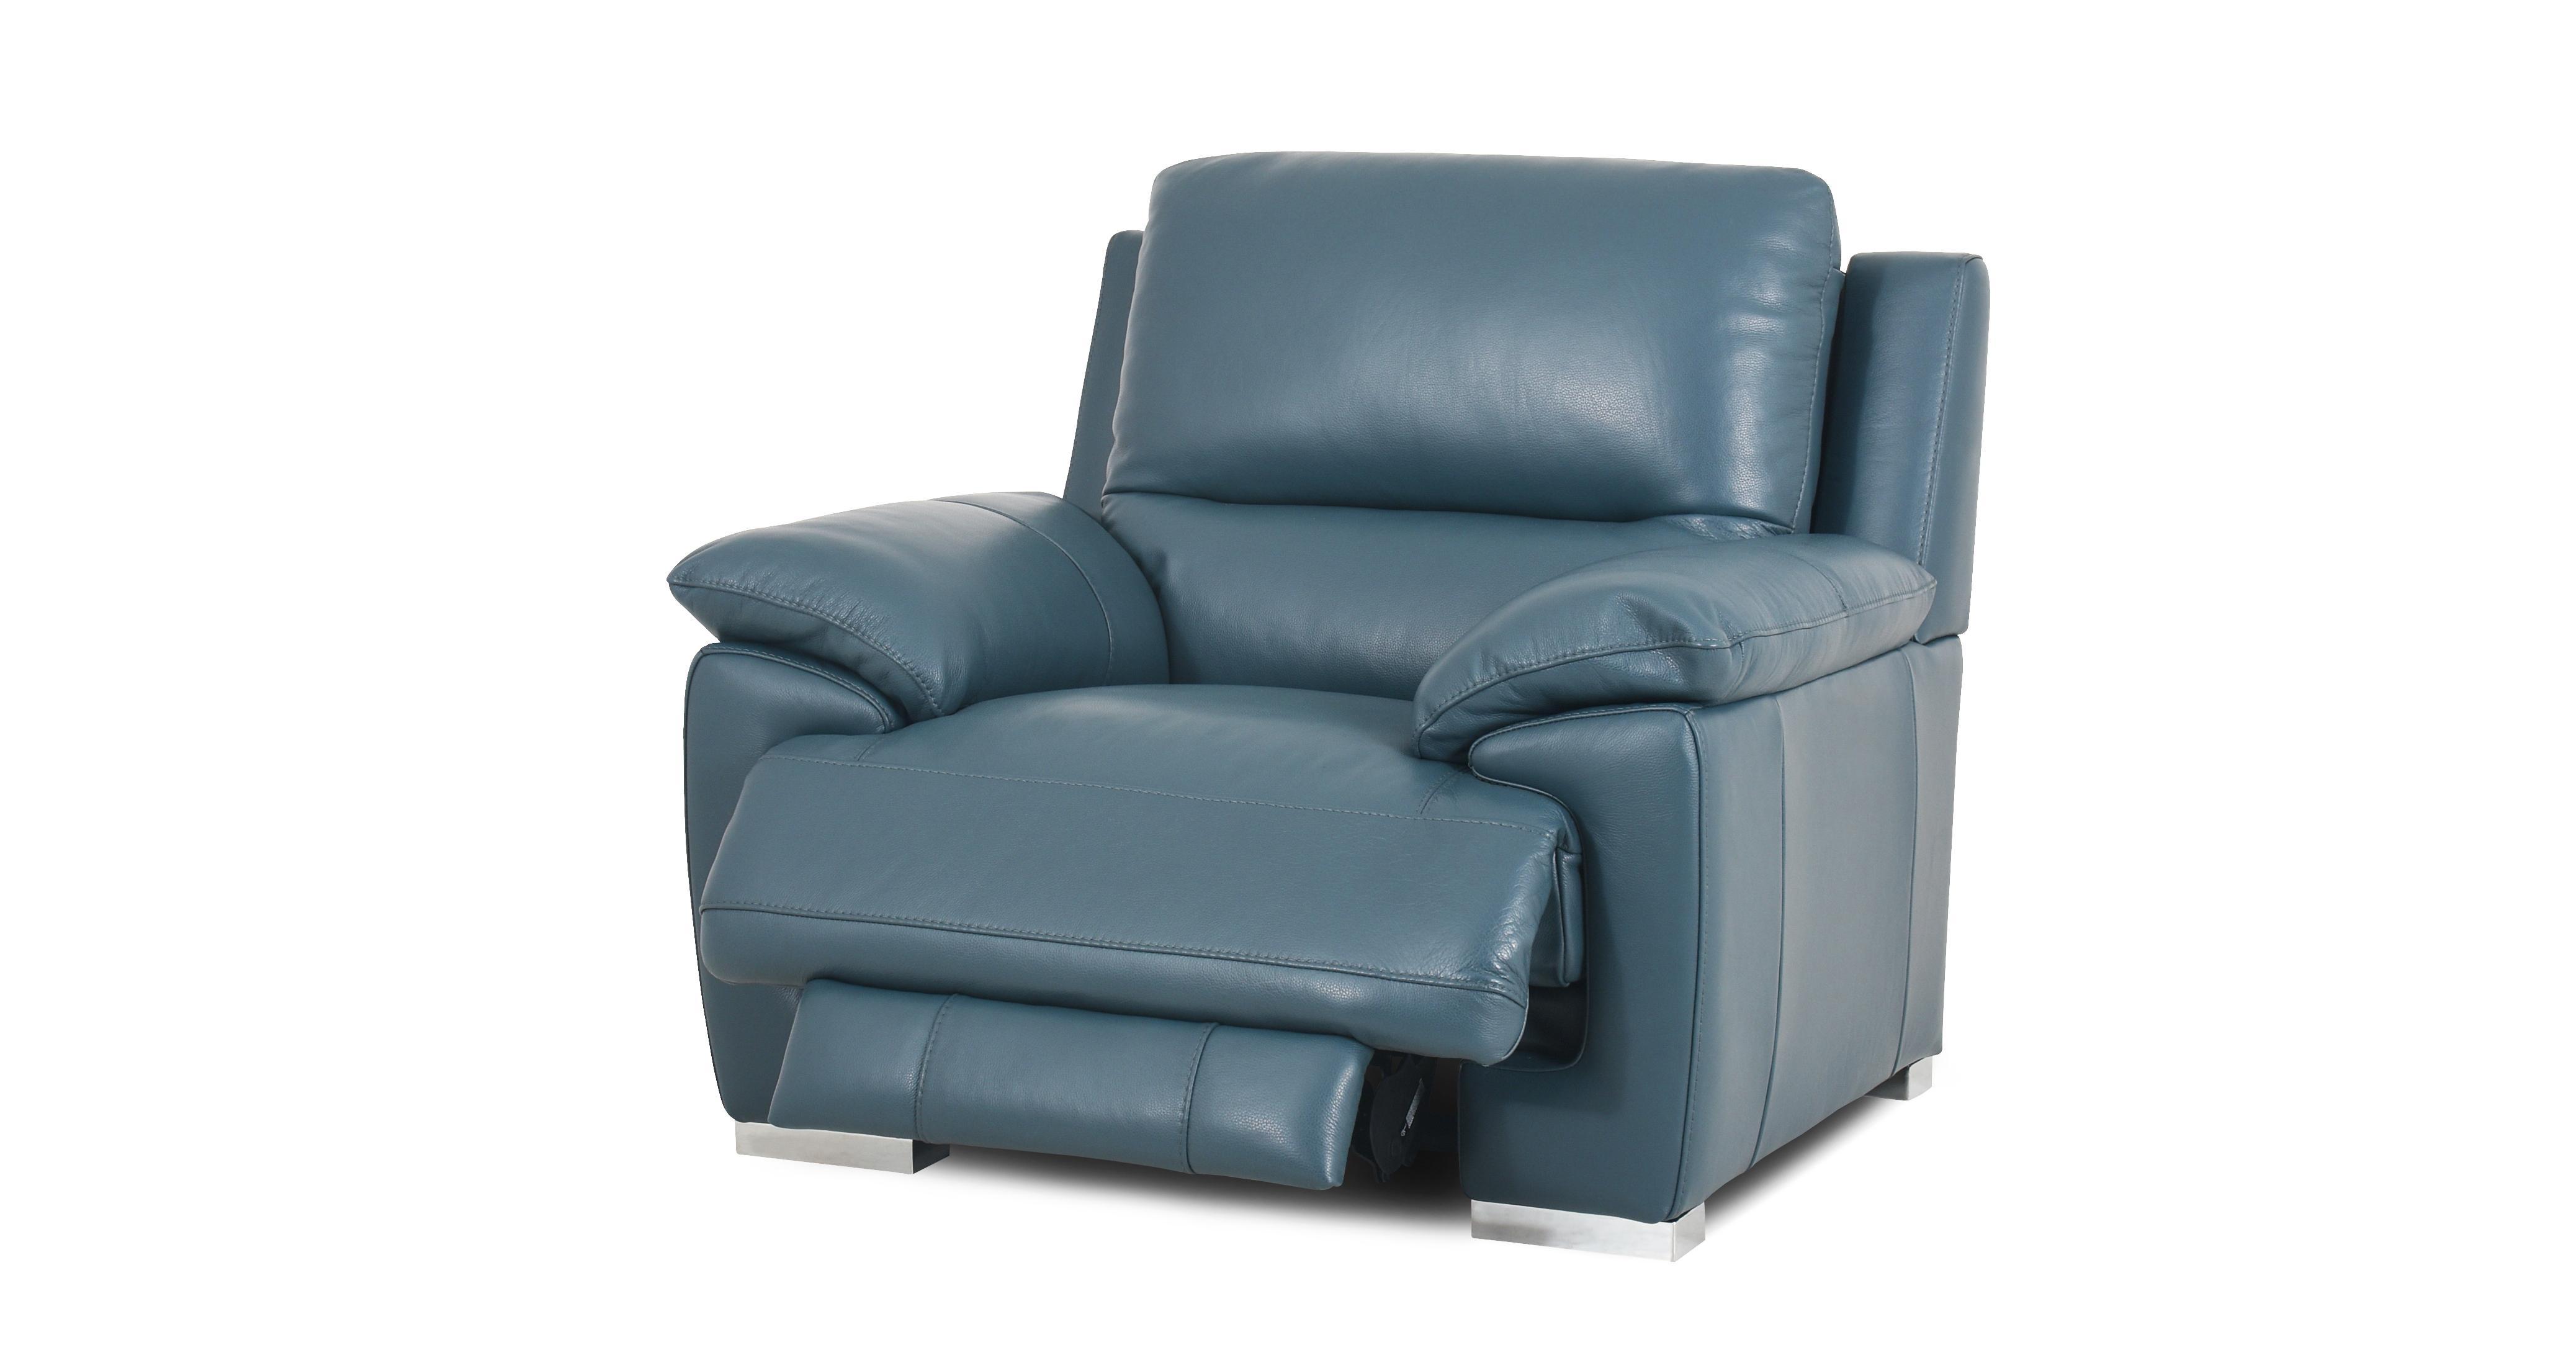 Falcon Manual Recliner Chair New Club DFS